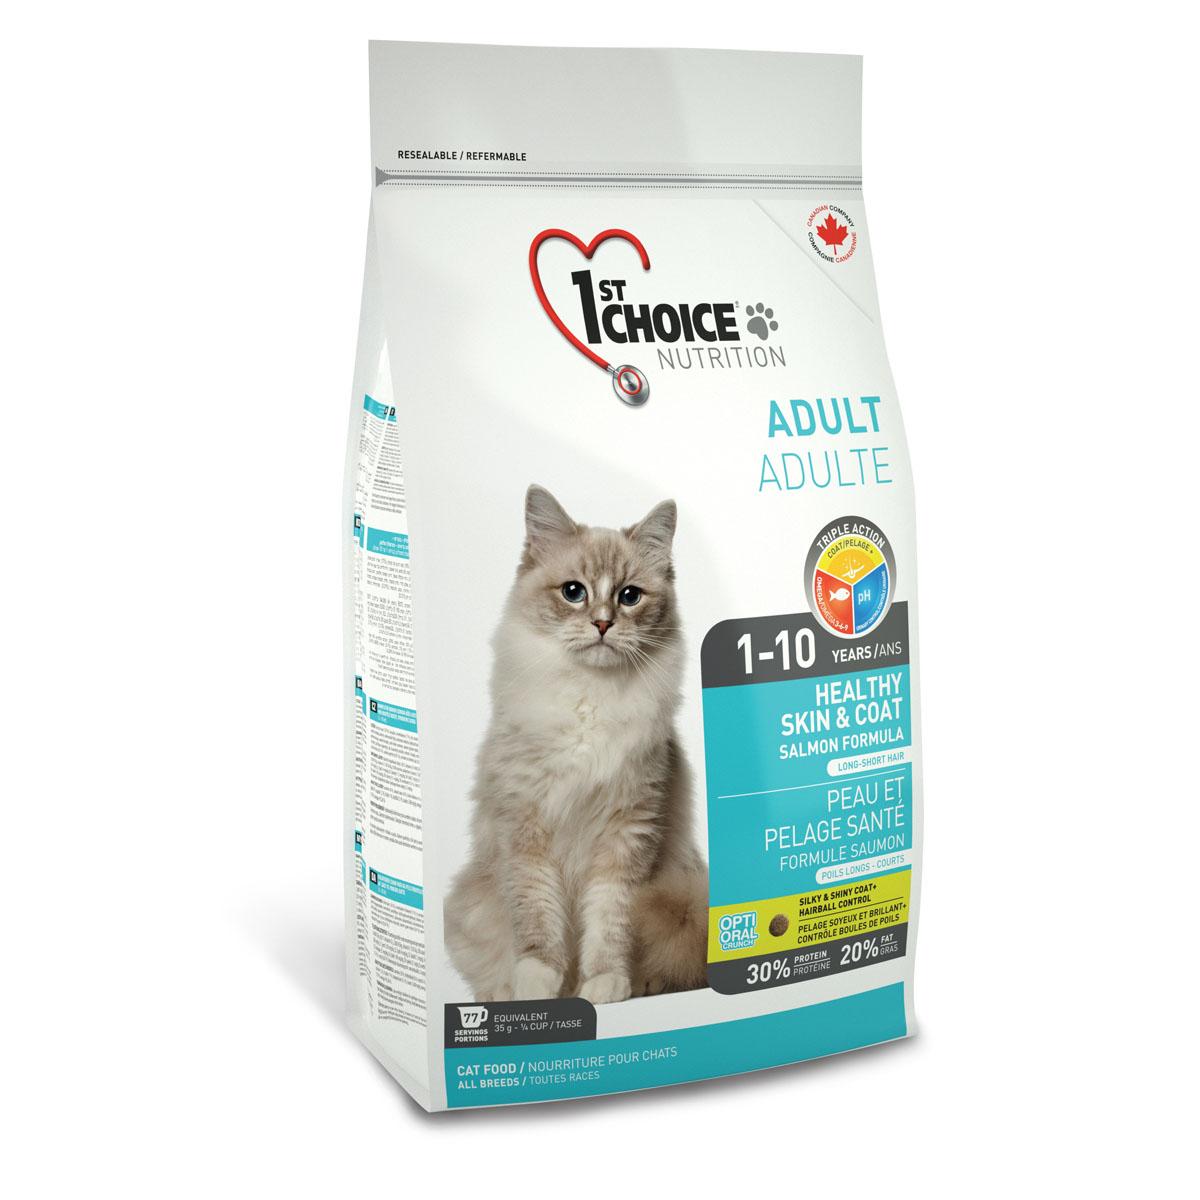 Корм сухой 1st Choice Adult для здоровья шерсти и кожи взрослых кошек, с лососем, 350 г56667Корм сухой 1st Choice Adult разработан для улучшения состояния кожи и шерсти взрослых кошек в любое время года, шерсть любой длины становится мягкой и блестящей. Жир лосося является лучшим источником Омега 3-6-9 жирных кислот, обеспечивающих здоровье кожи. Сочетание рыбного белка и рыбьего жира гарантирует здоровую и роскошную шерсть. Свежий лосось - главный ингредиент, который понравится даже самым привередливым гурманам. Ингредиенты: свежий лосось 18%, мука из сельди менхаден 17%, рис, гороховый протеин, куриный жир, сохраненный смесью натуральных токоферолов (витамин Е), сушеное яйцо, мякоть свеклы, клетчатка гороха, гидролизат куриной печени, коричневый рис, специально обработанные ядра ячменя и овса, цельное семя льна, жир лосося, сушеная мякоть томата, калия хлорид, лецитин, кальция карбонат, холина хлорид, соль, кальция пропионат, натрия бисульфат, таурин, DL- метионин, L-лизин, экстракт дрожжей, железа сульфат, аскорбиновая кислота (витамин С),...